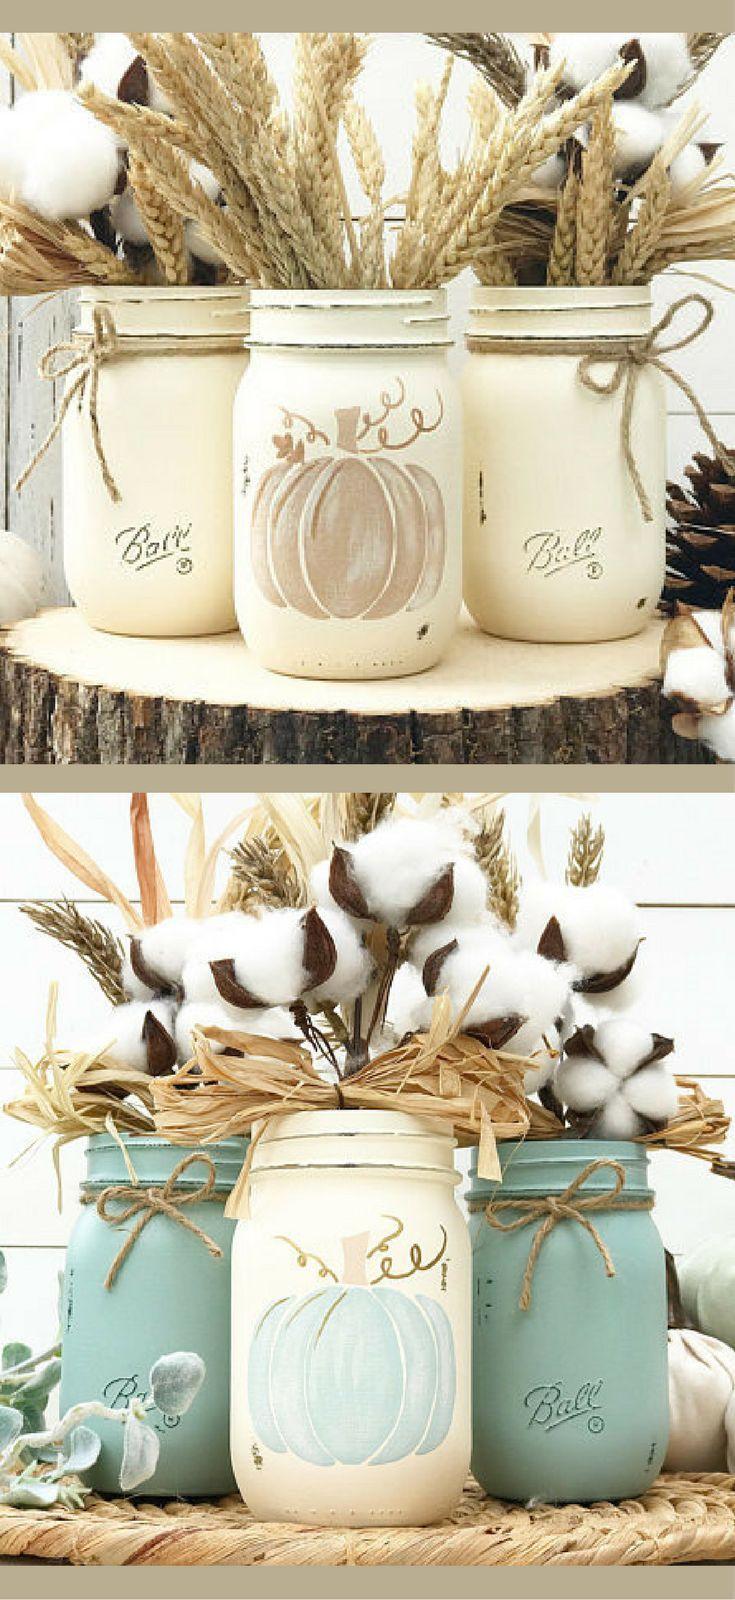 Best 25+ Cheap pumpkin decor ideas on Pinterest | Walmart halloween  decorations, Decor crafts and Candied pumpkin image